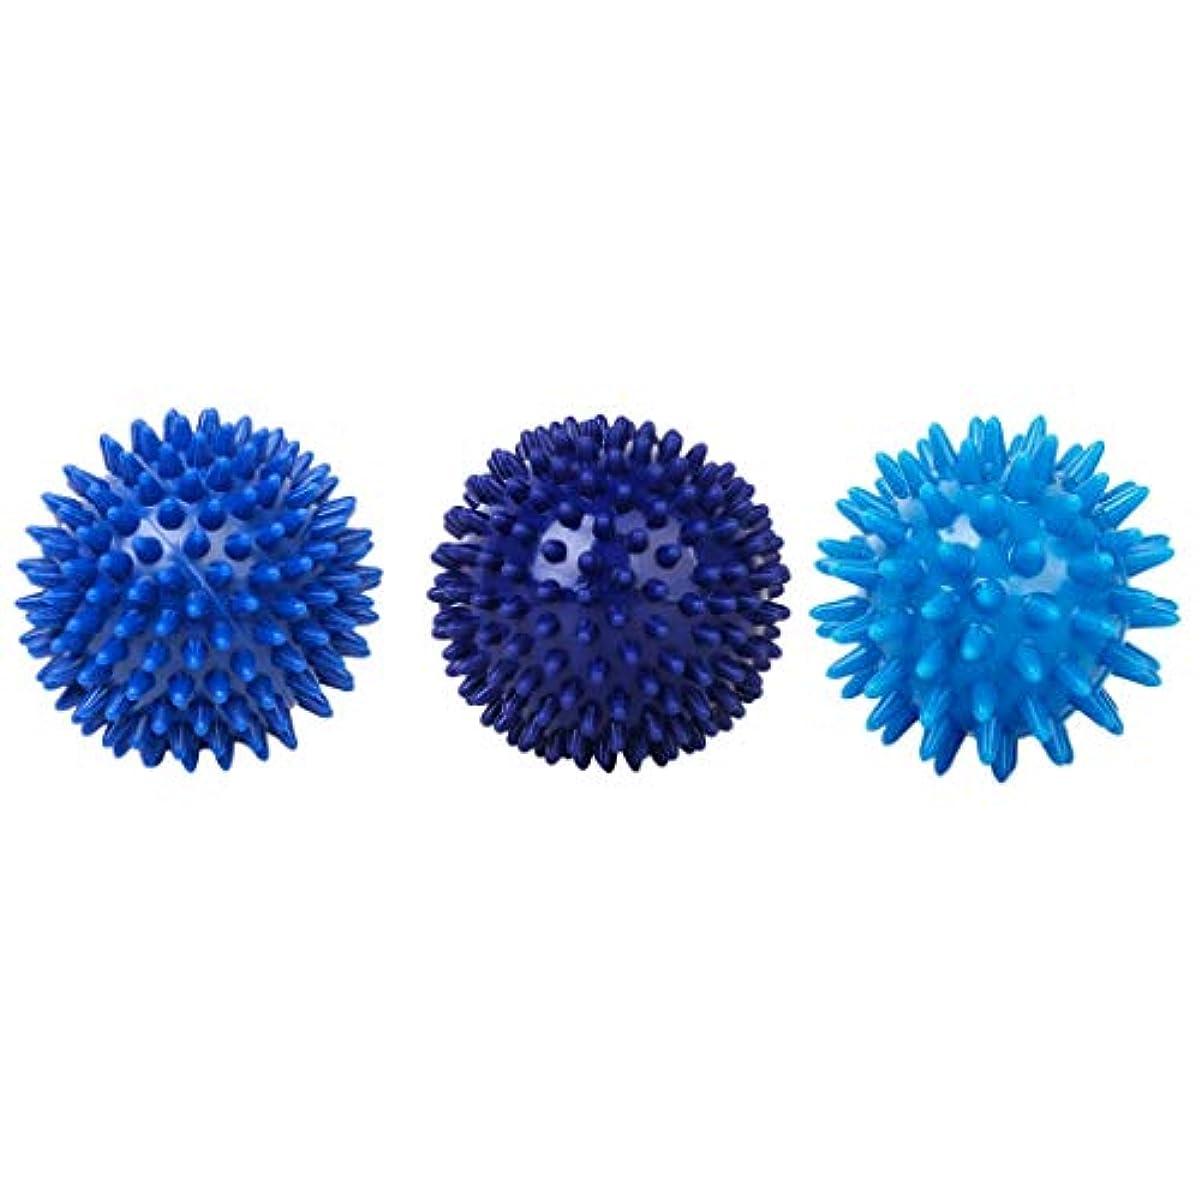 シェトランド諸島芸術想像力豊かなマッサージボール 健康グッズ 筋膜ボール ハード 緊張緩和 液循環促進 ツボ押しグッズ